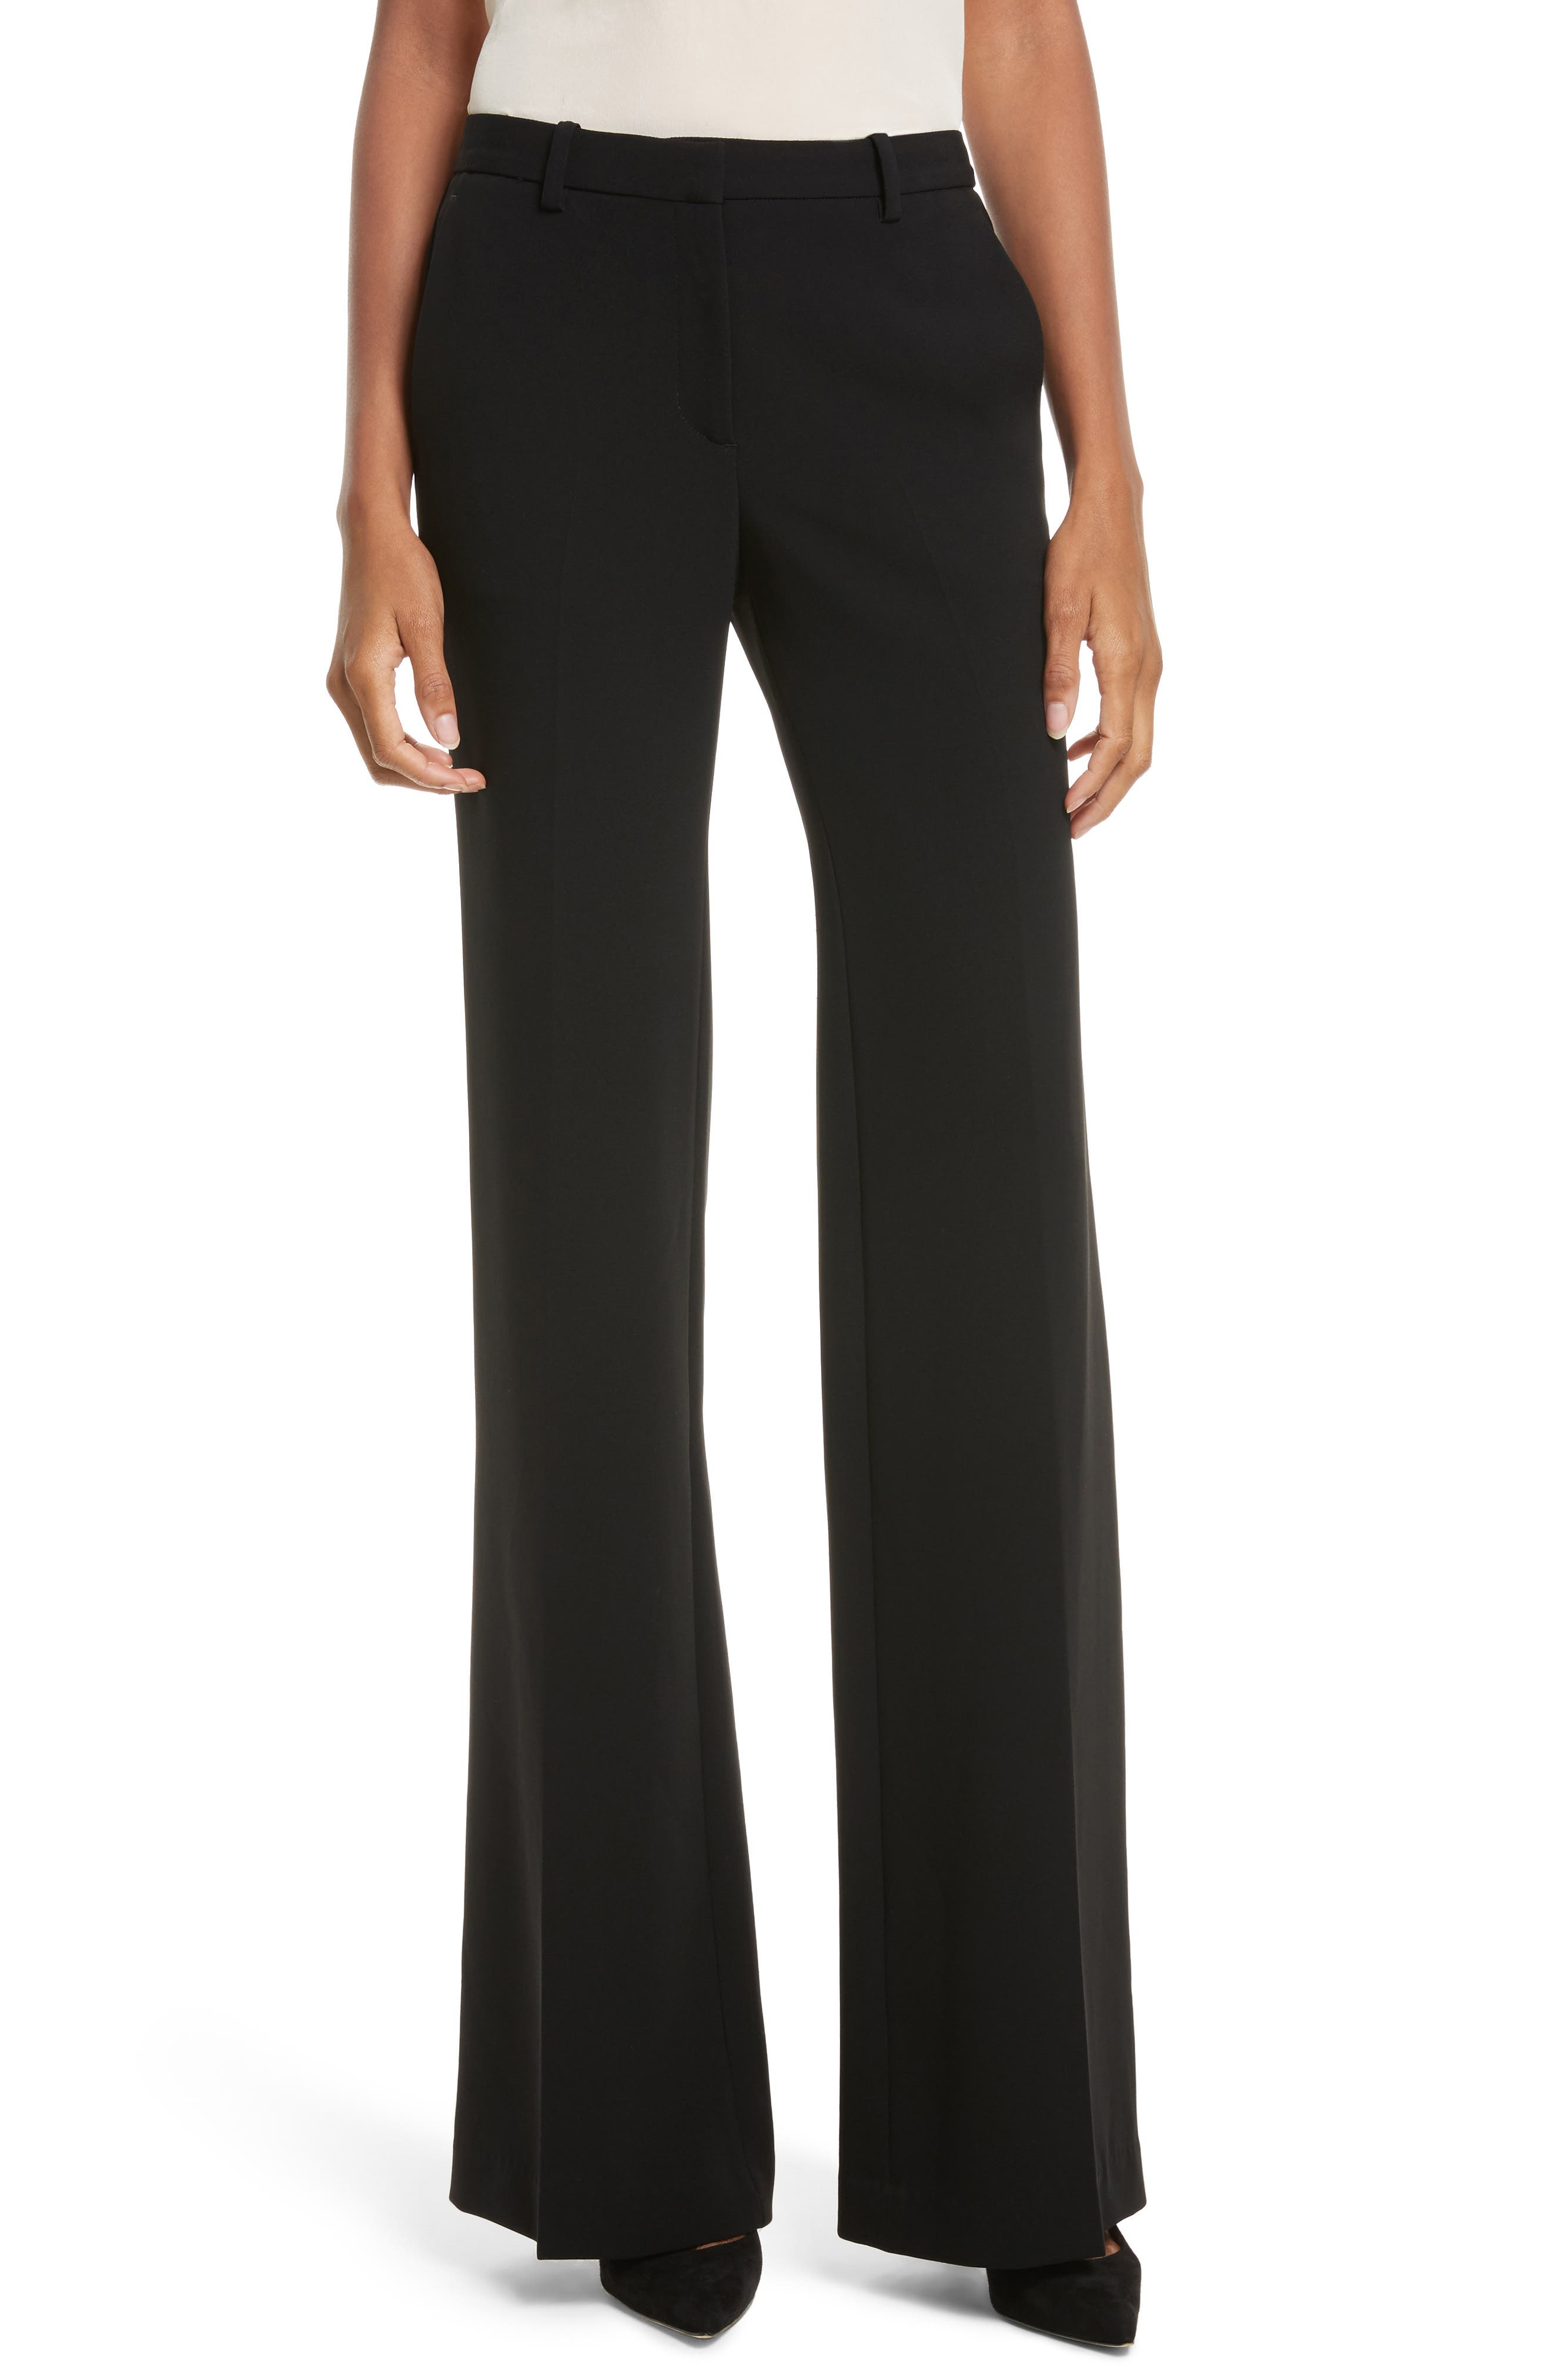 Demitria Admiral Crepe Pants,                         Main,                         color, Black